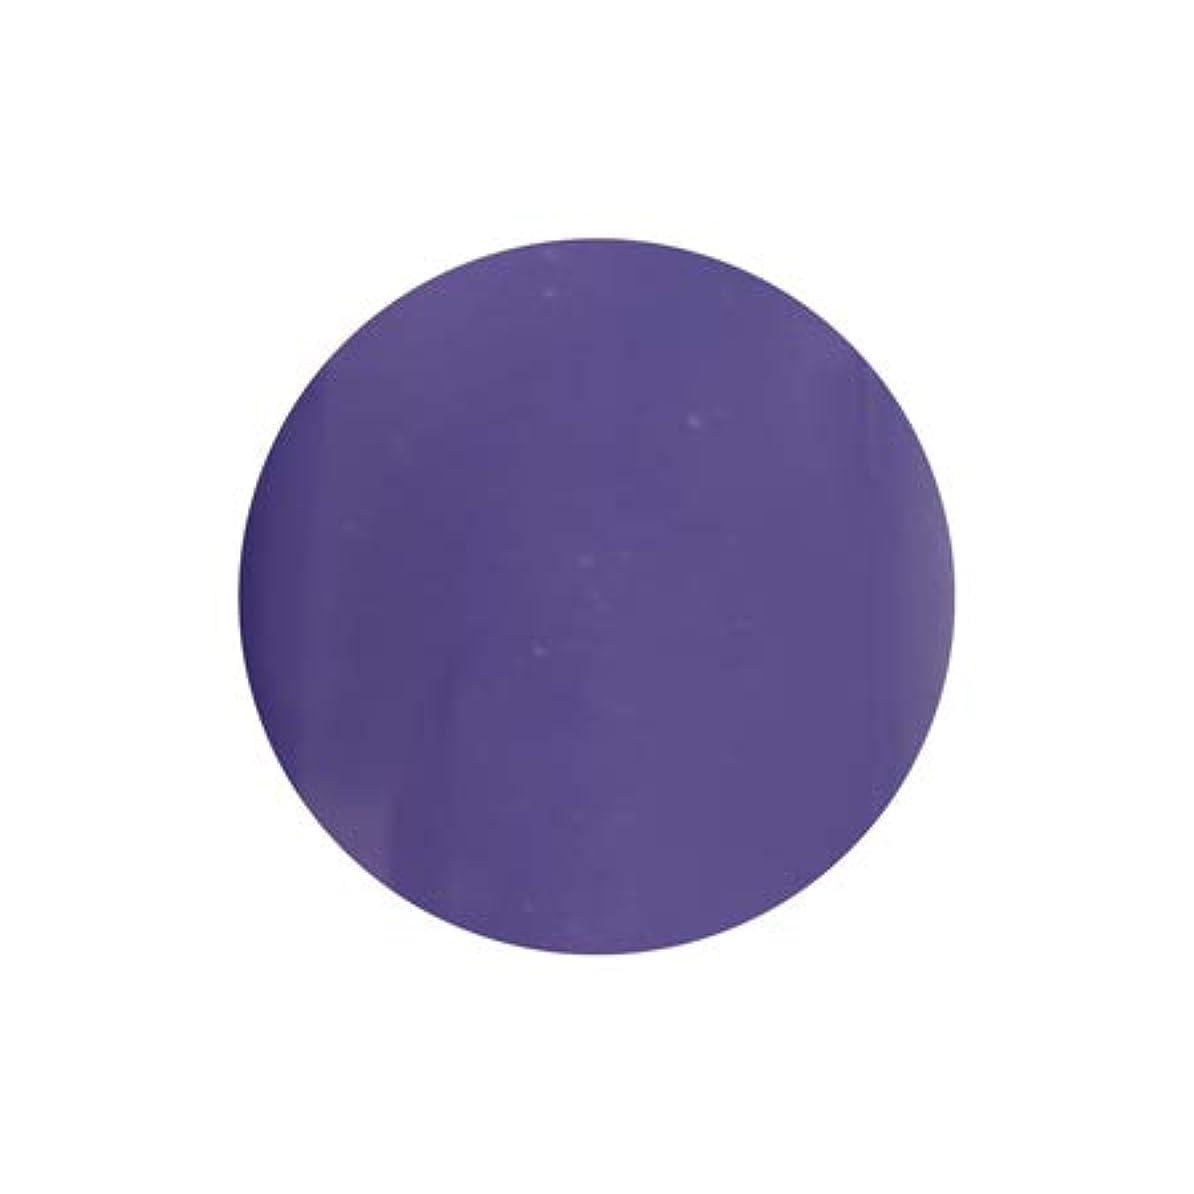 アミューズ説教するボーナスT-GEL COLLECTION カラージェル D228 シフォンバイオレット 4ml